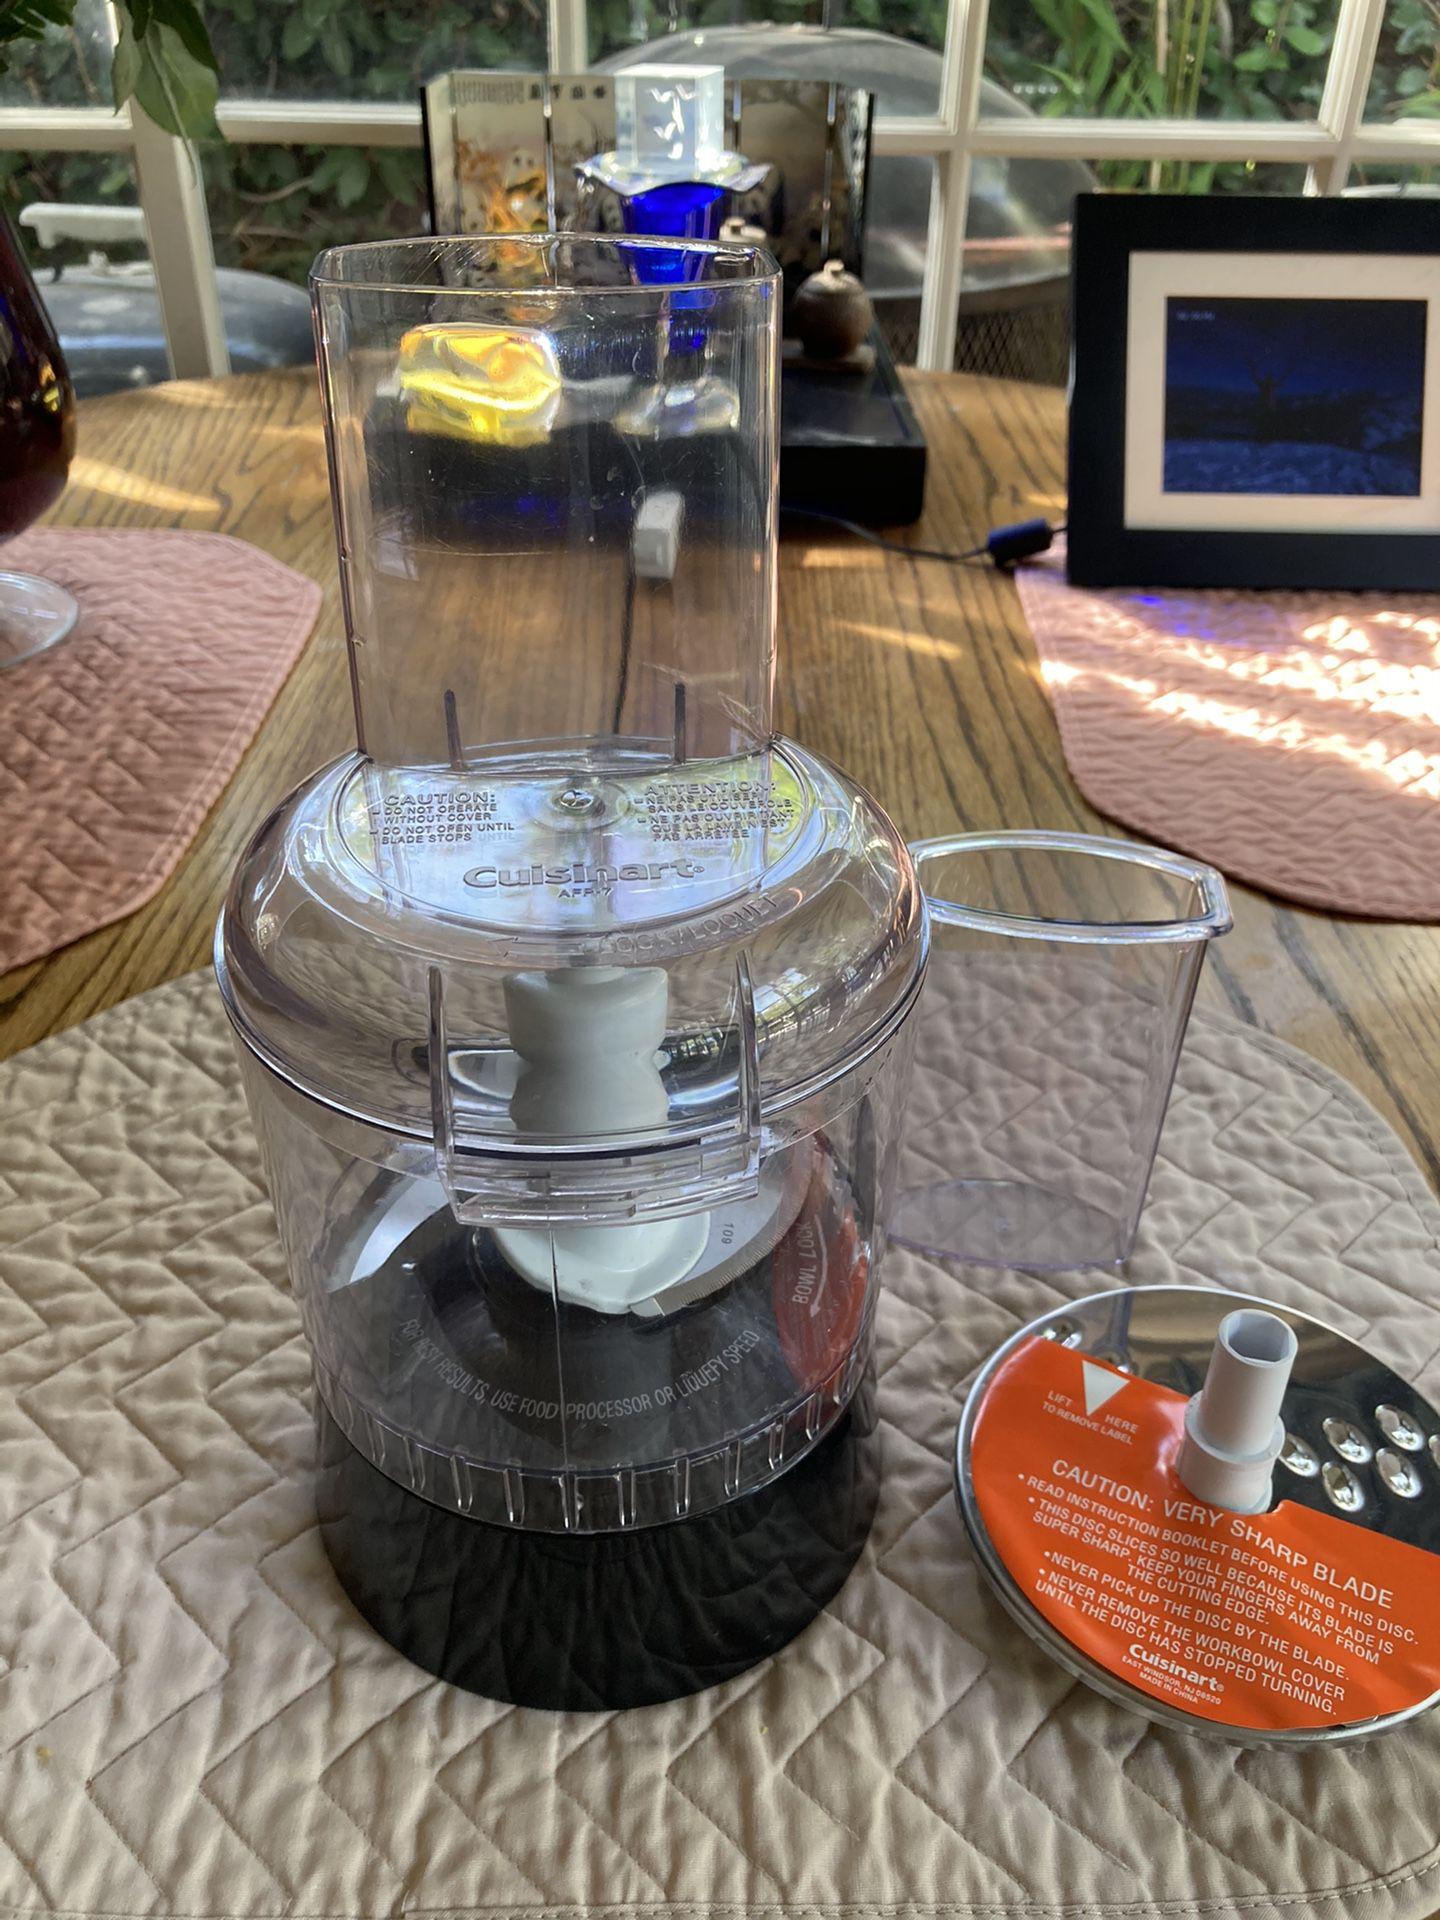 Cuisinart Food Attachment for SmartPower Blender.